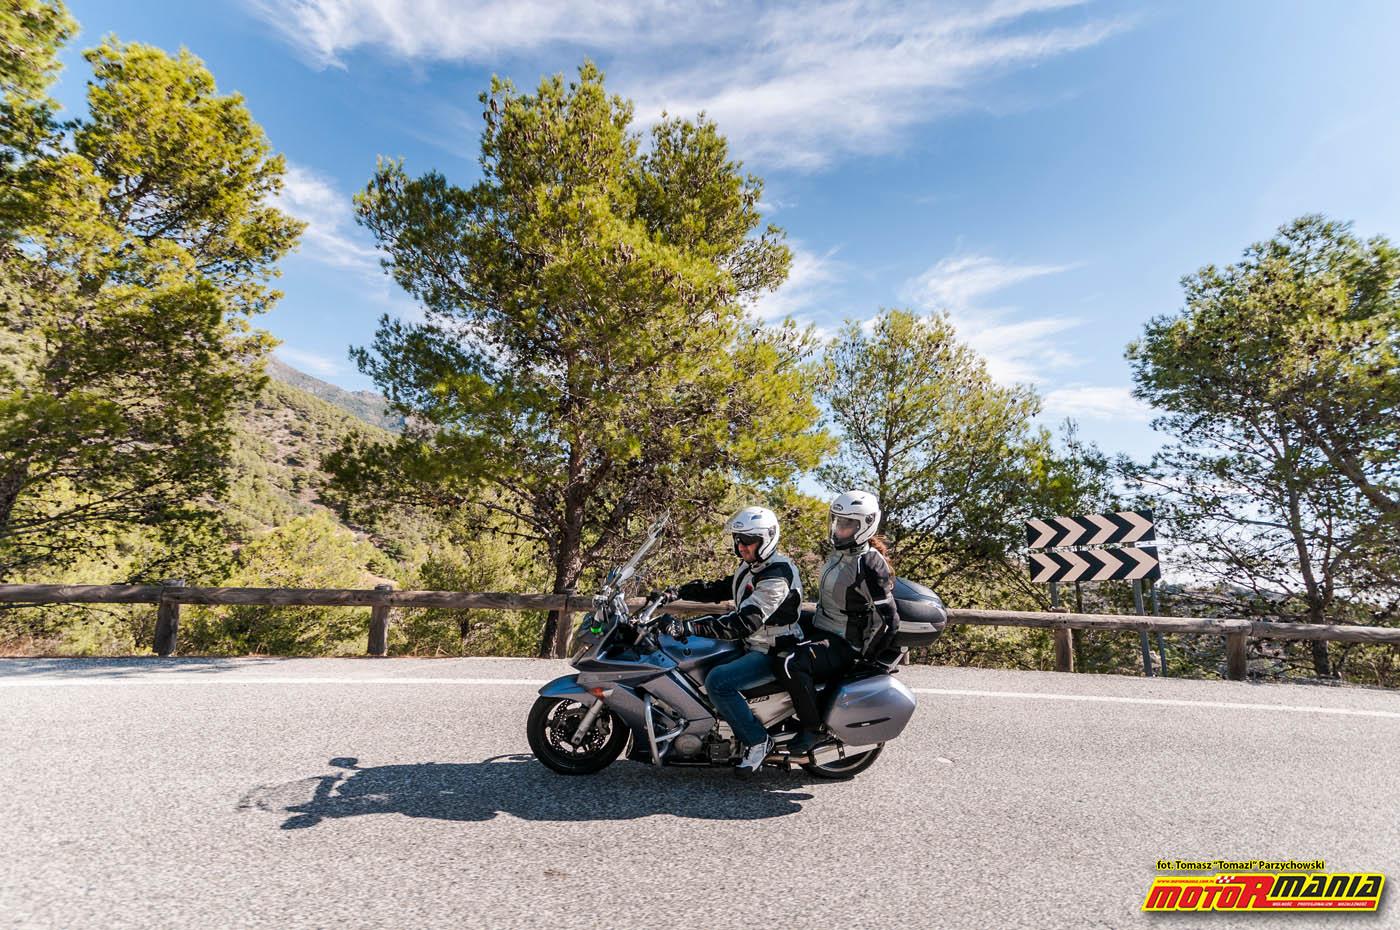 Hiszpania Malaga Marbella Ronda z MotoRmania w sezonie 2017 - zapraszamy (4)